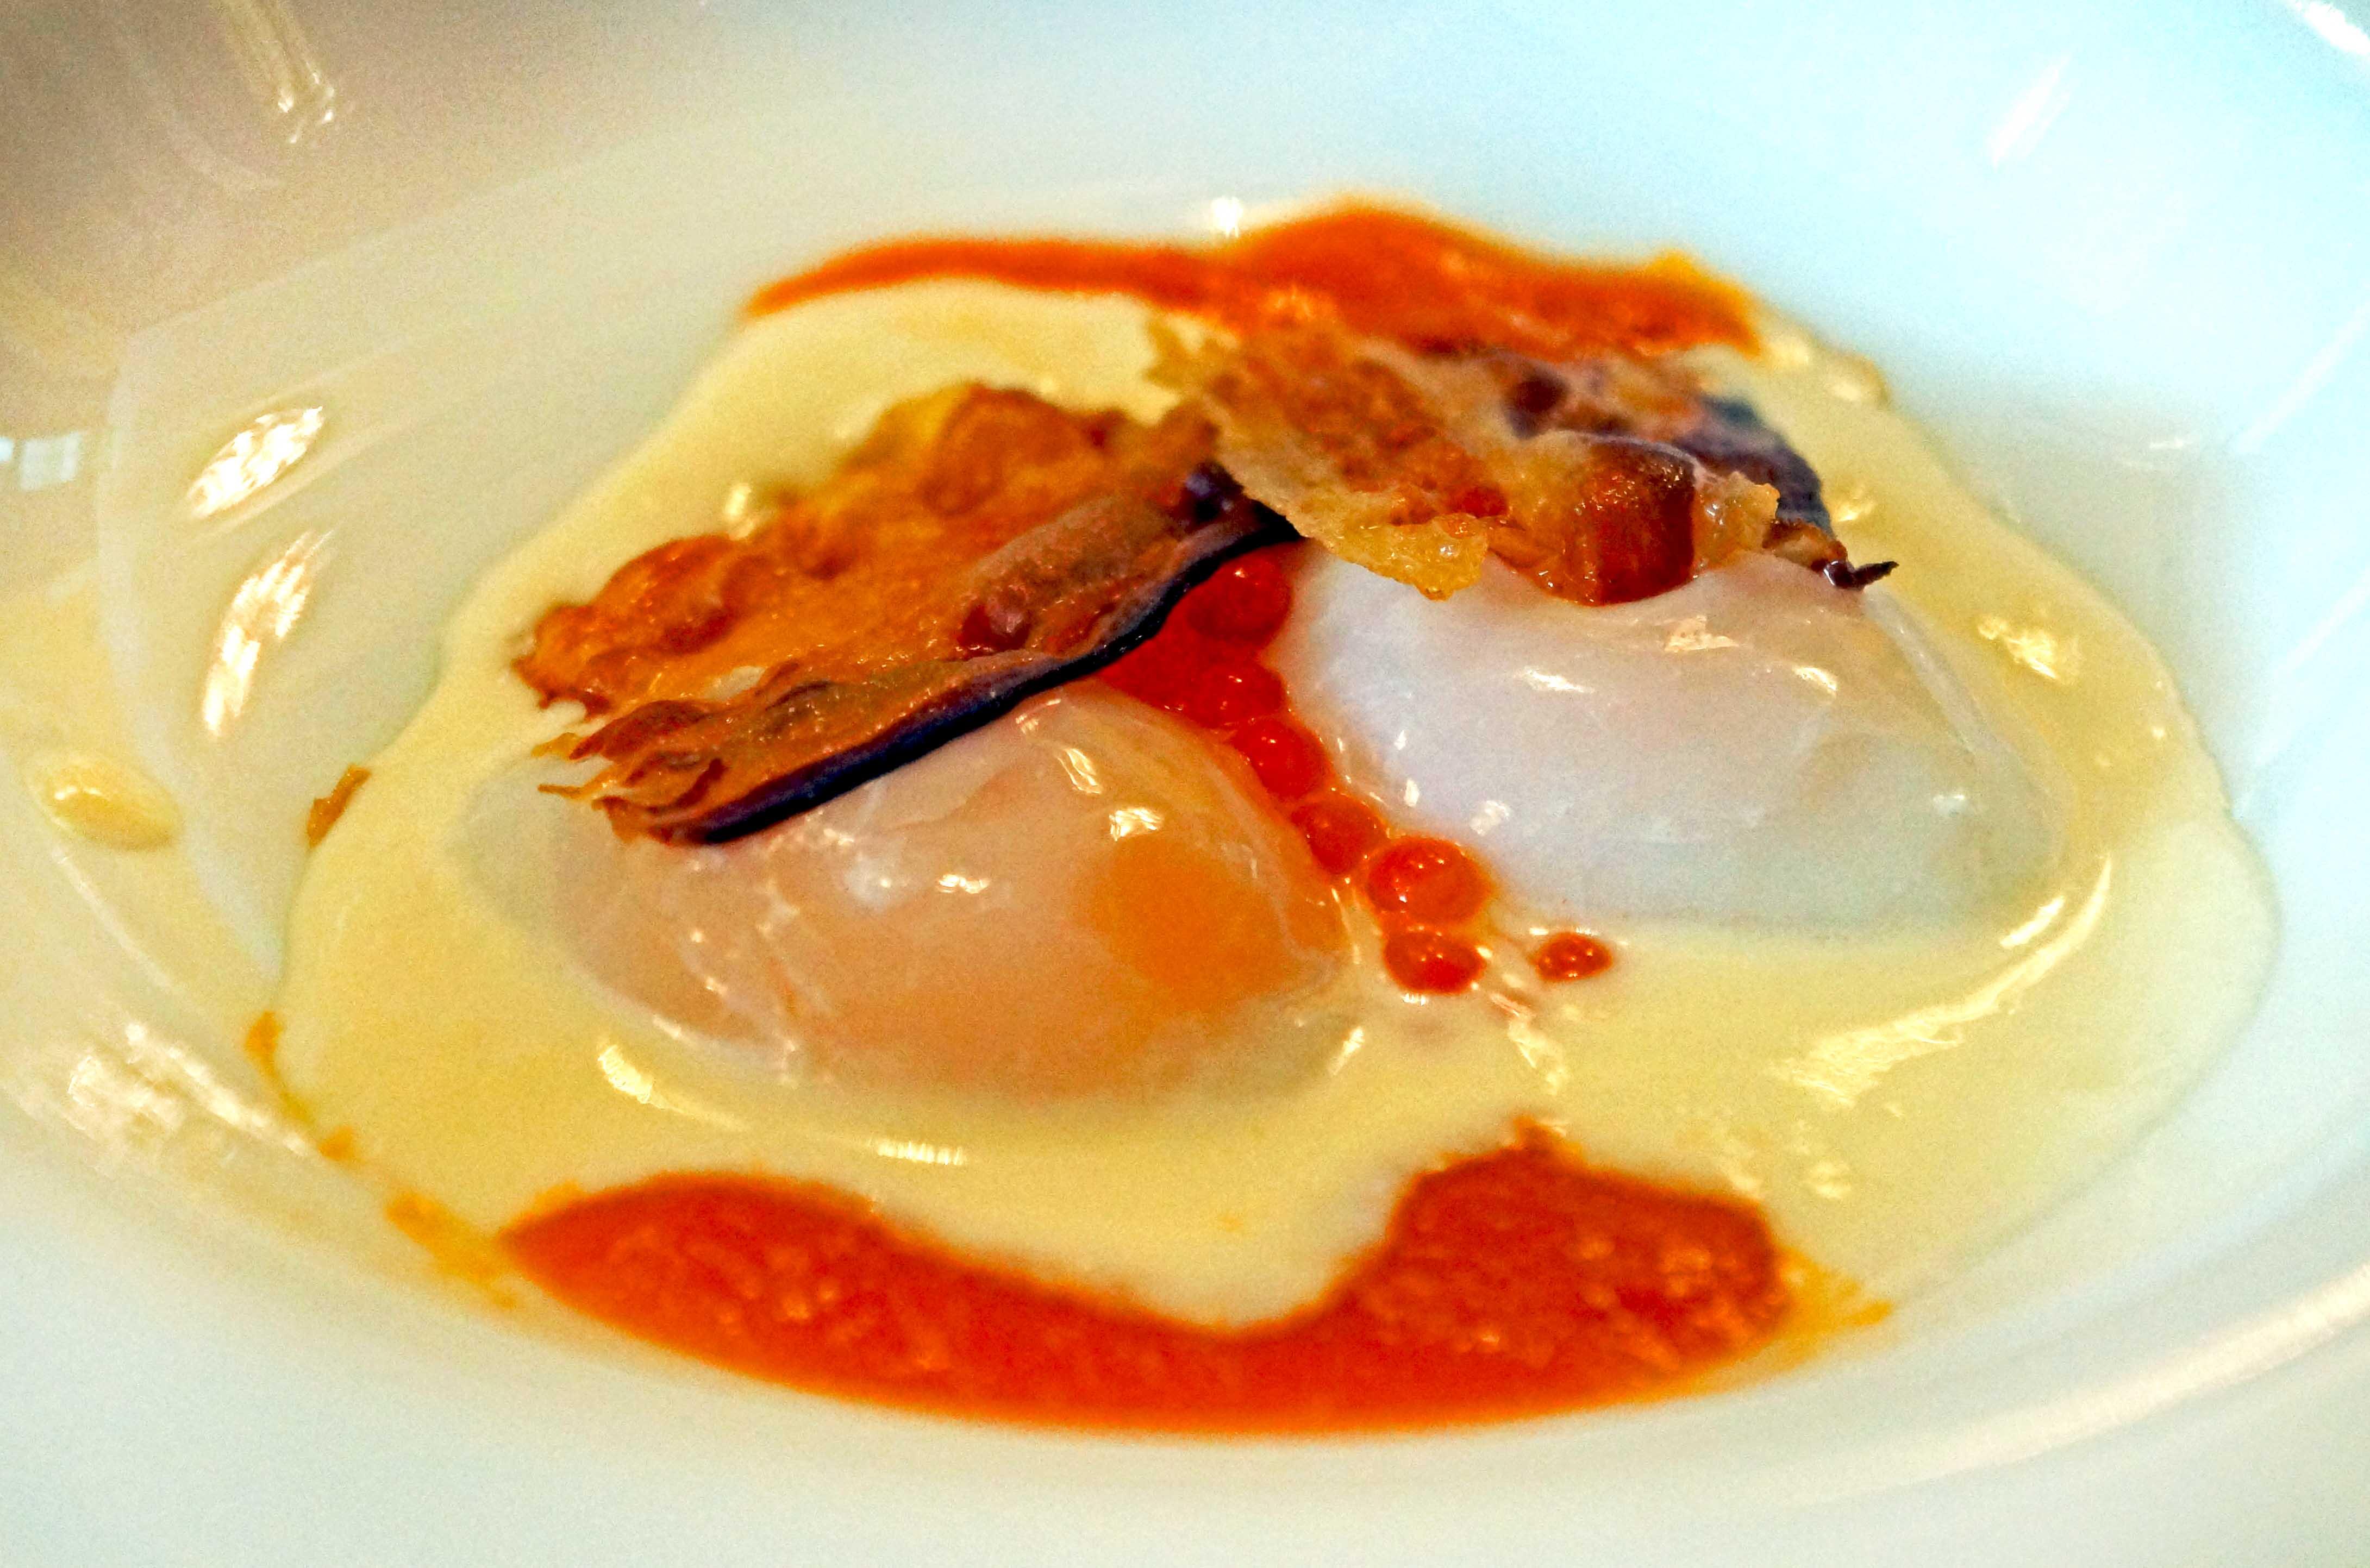 prepeličja jaja, umak od sira i paradajza, lososov kavijar, slanina